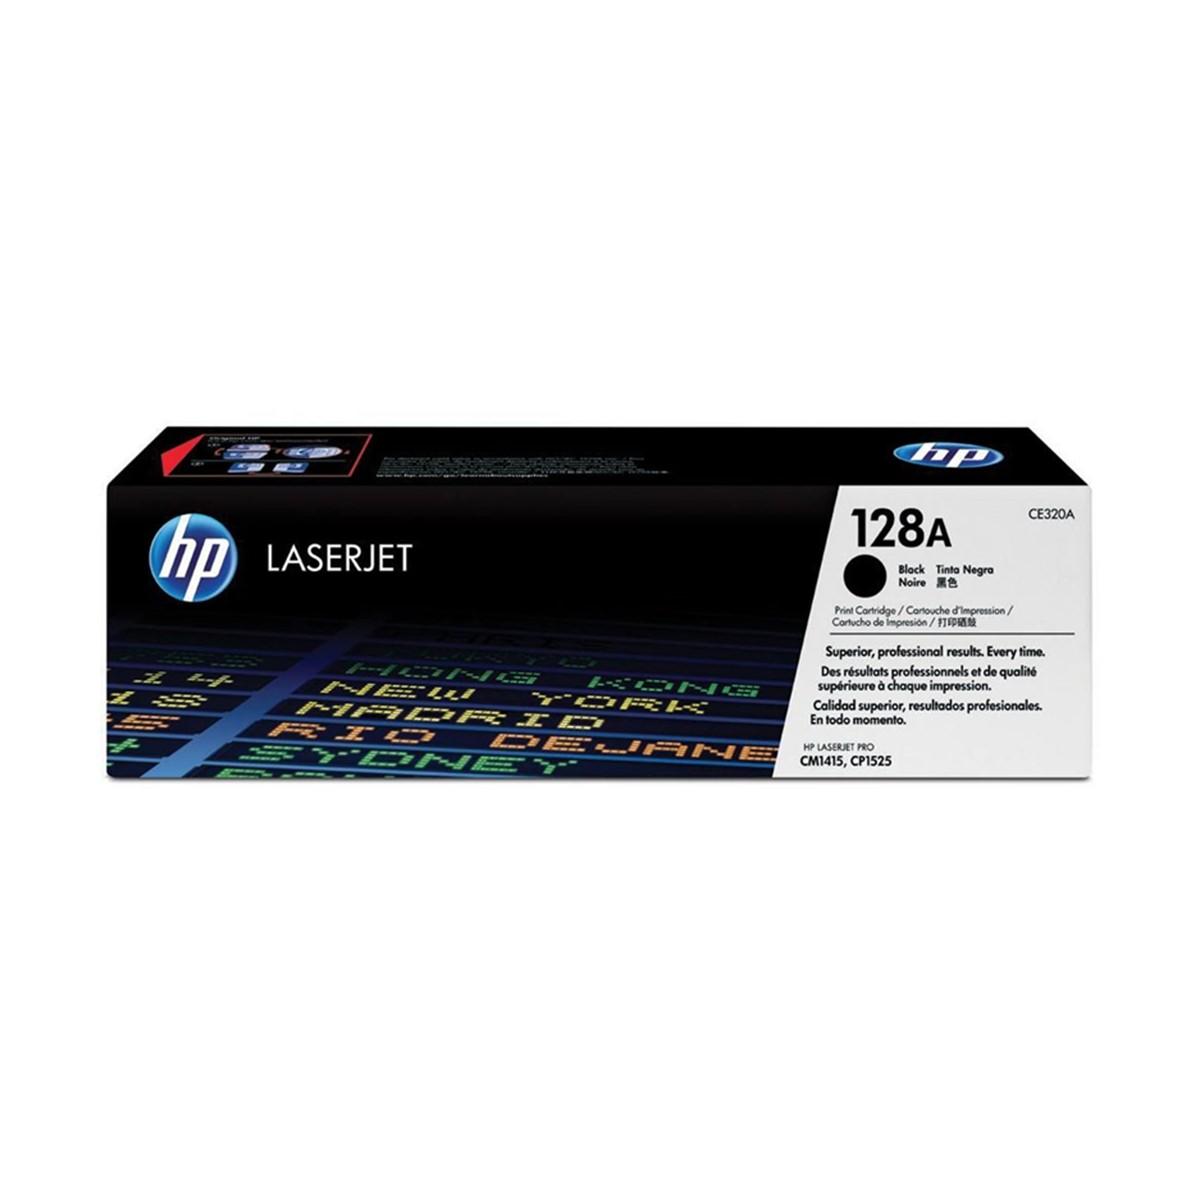 Toner LaserJet preto HP 128A Original (CE320A)